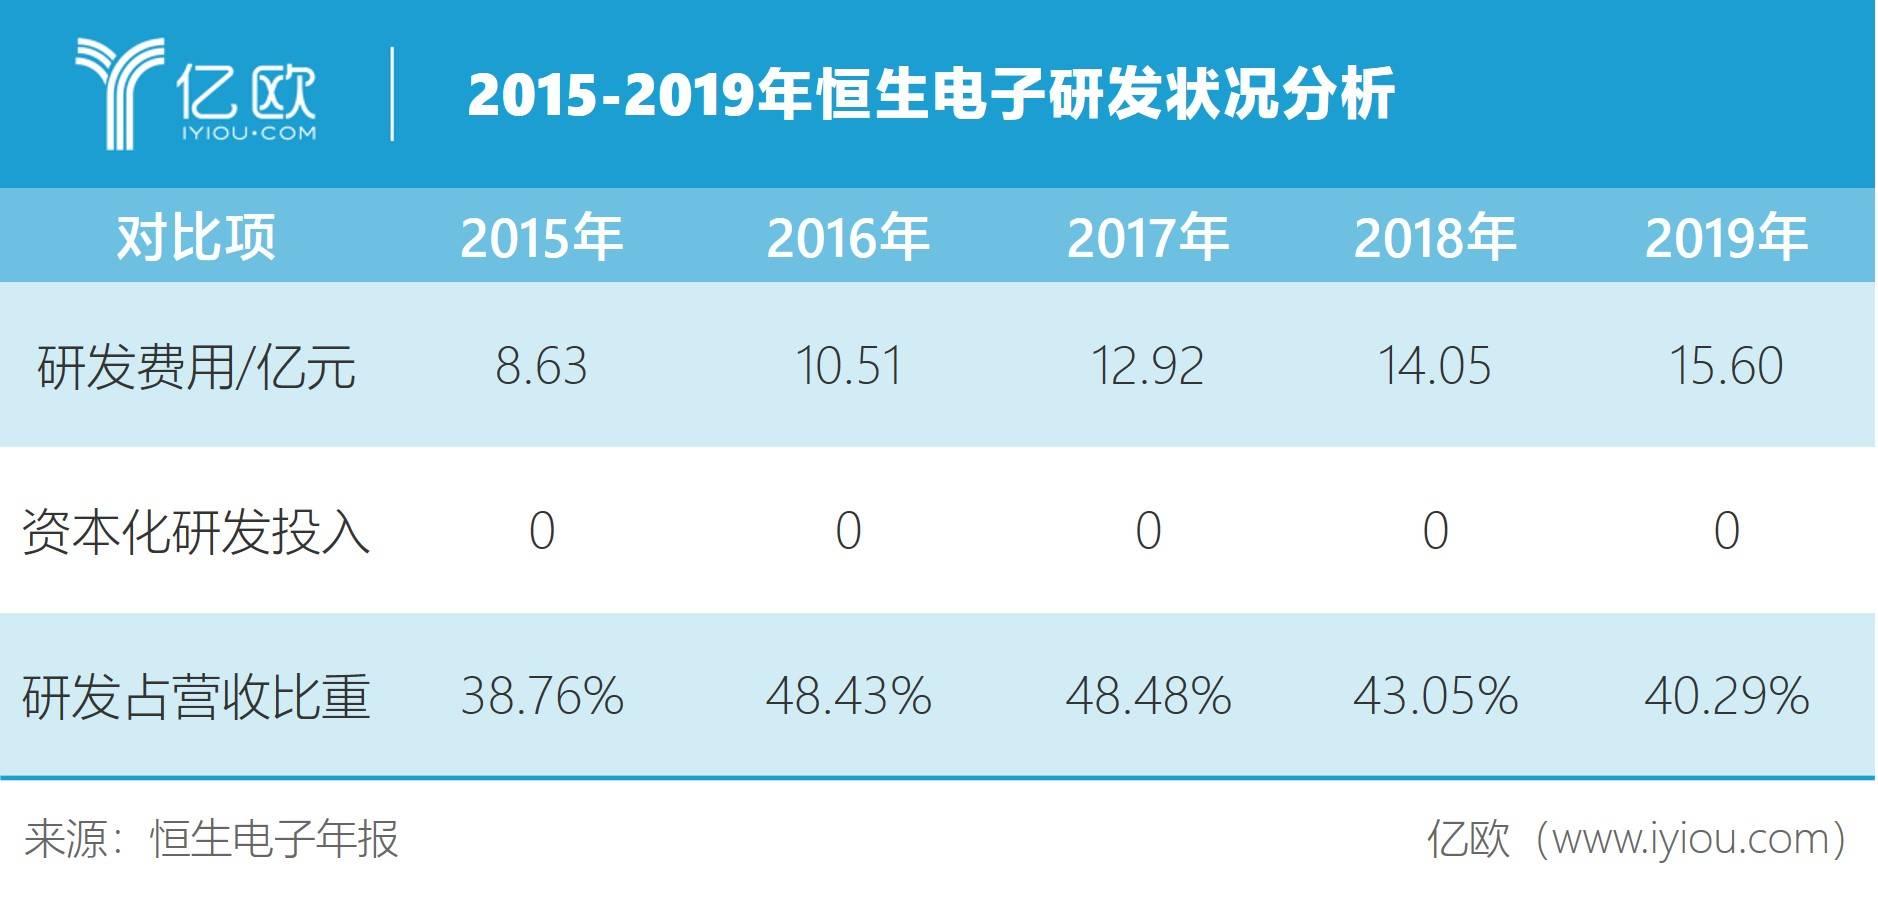 2015-2019年恒生电子研发状况分析